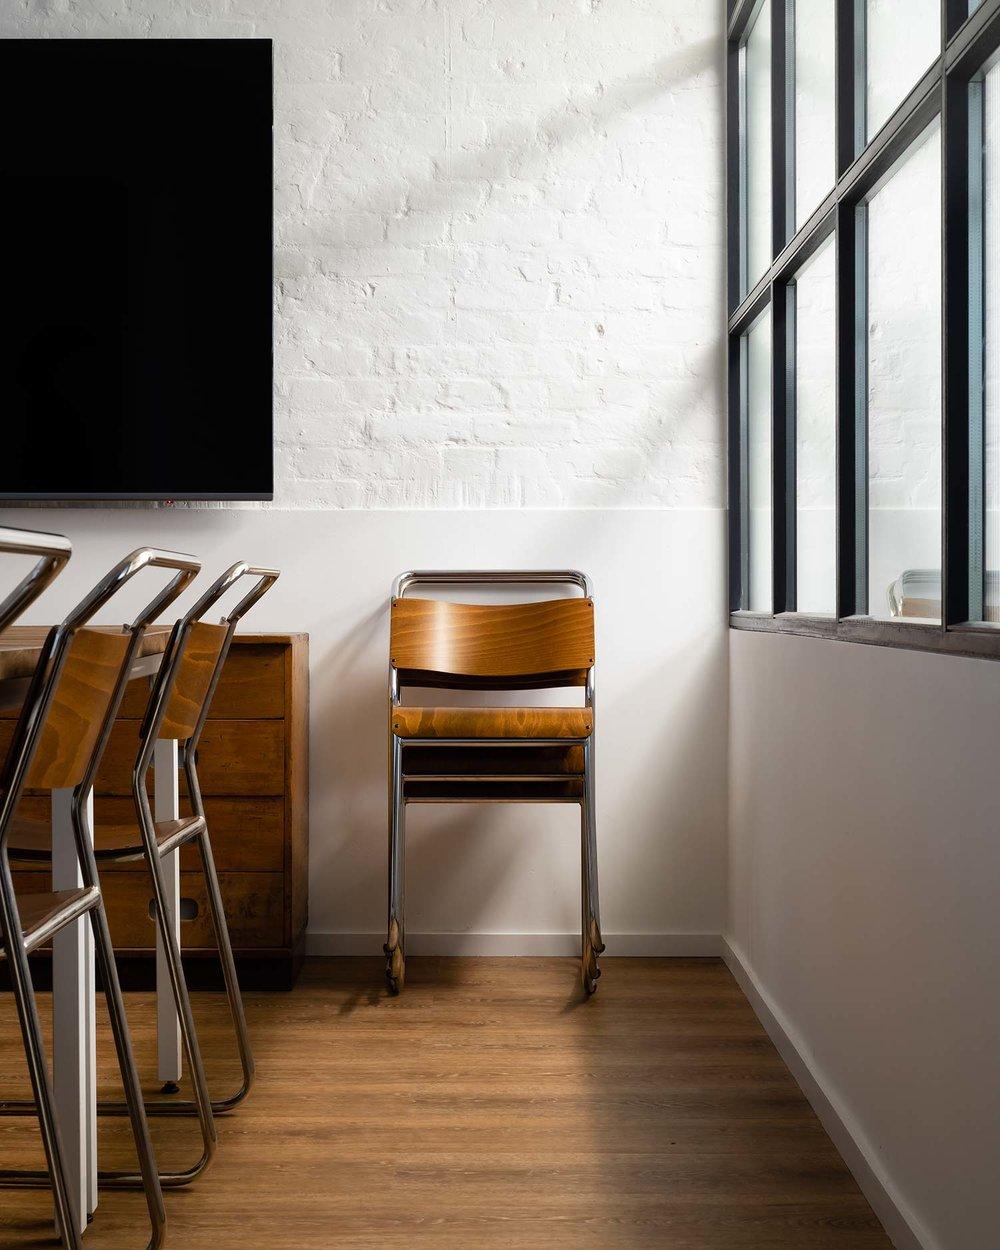 Architecture-London-Design-Freehaus-Workspace-Ink-Works-10.jpg